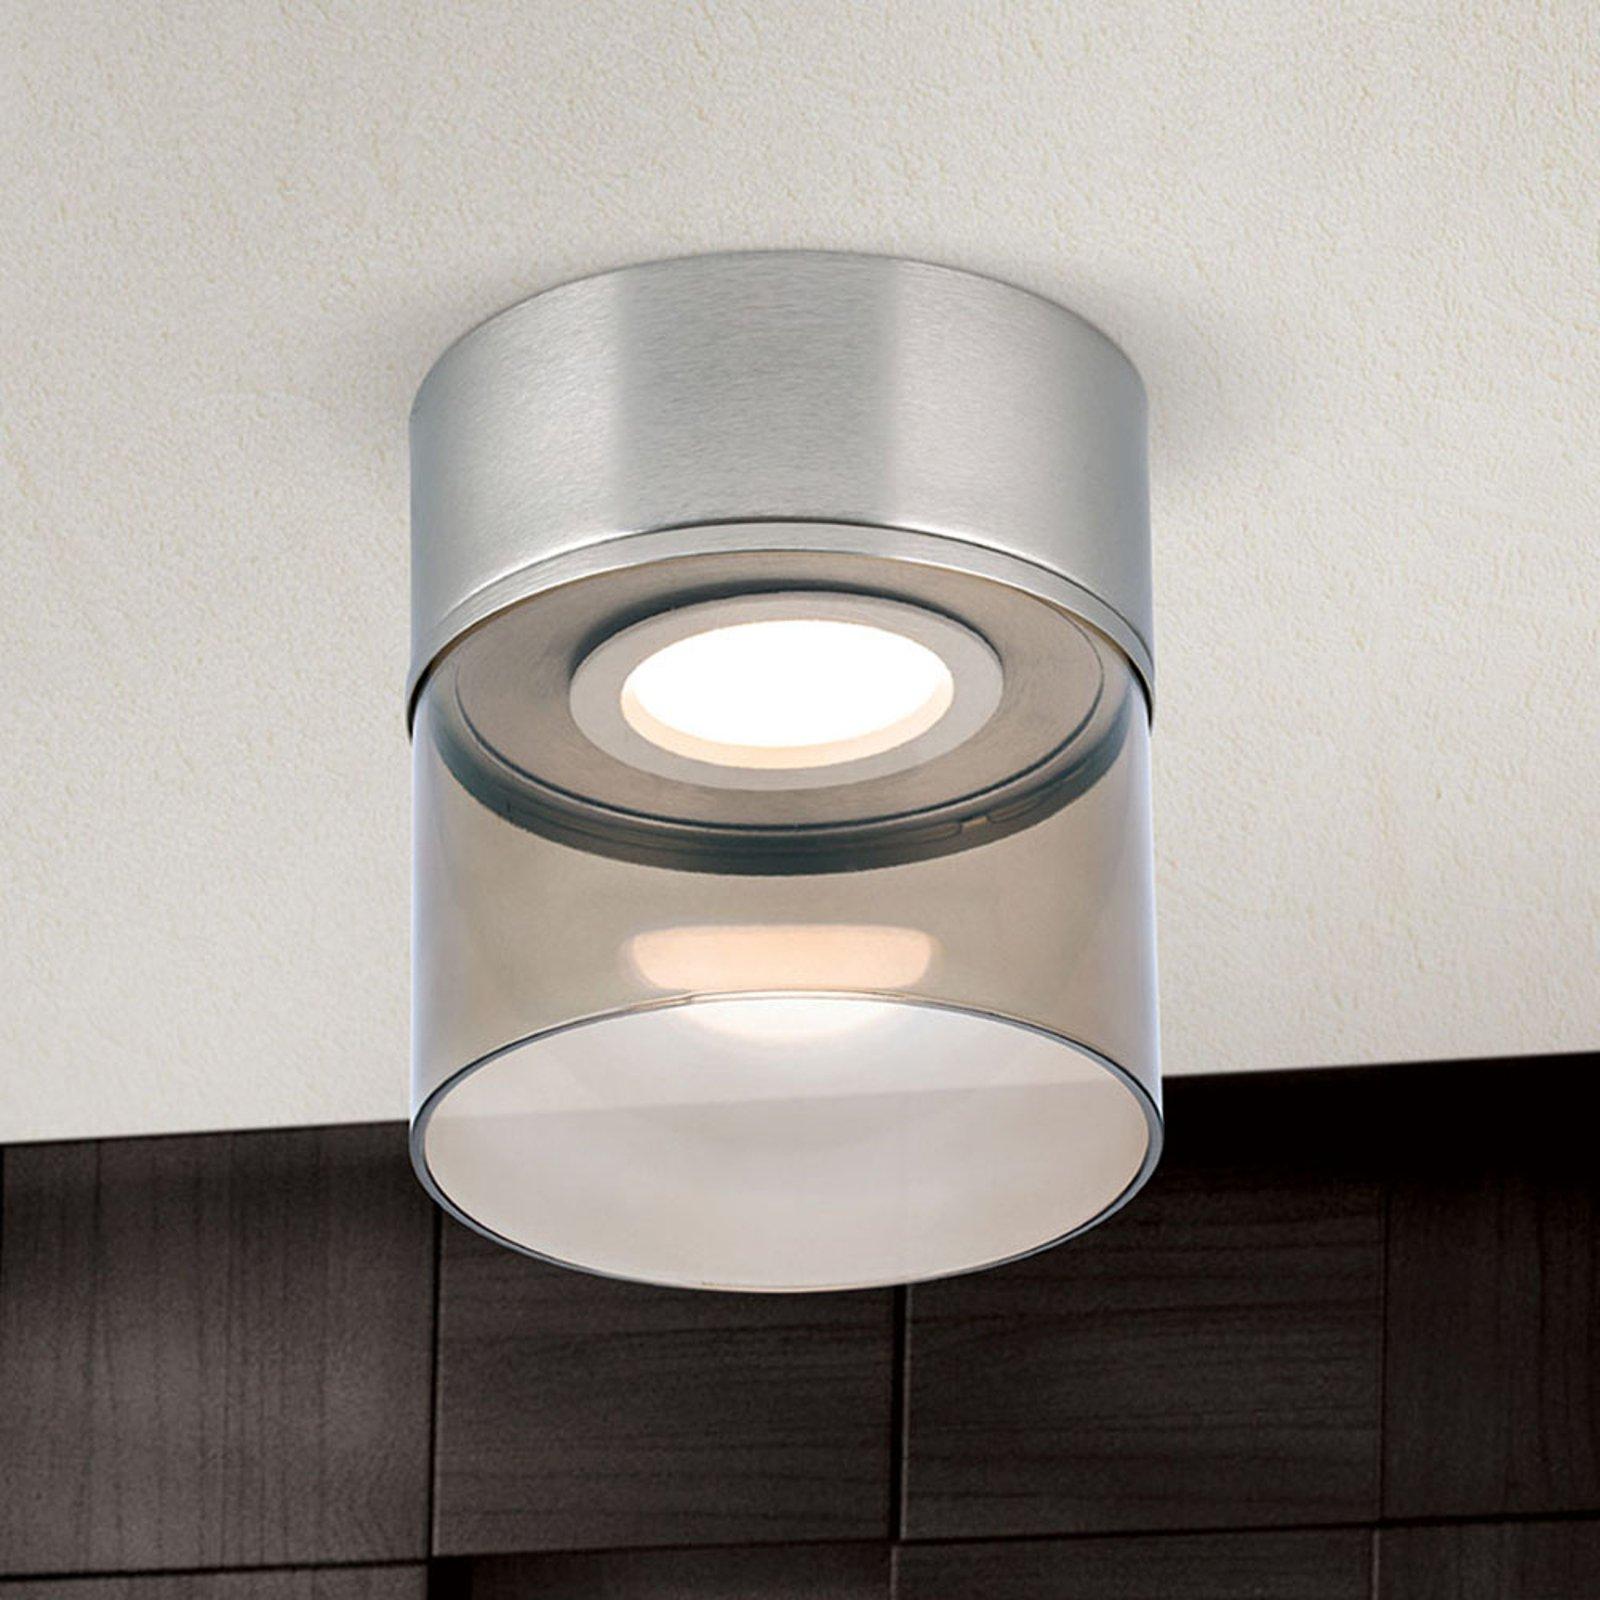 LED-taklampe Francis nikkel matt Ø 15 cm